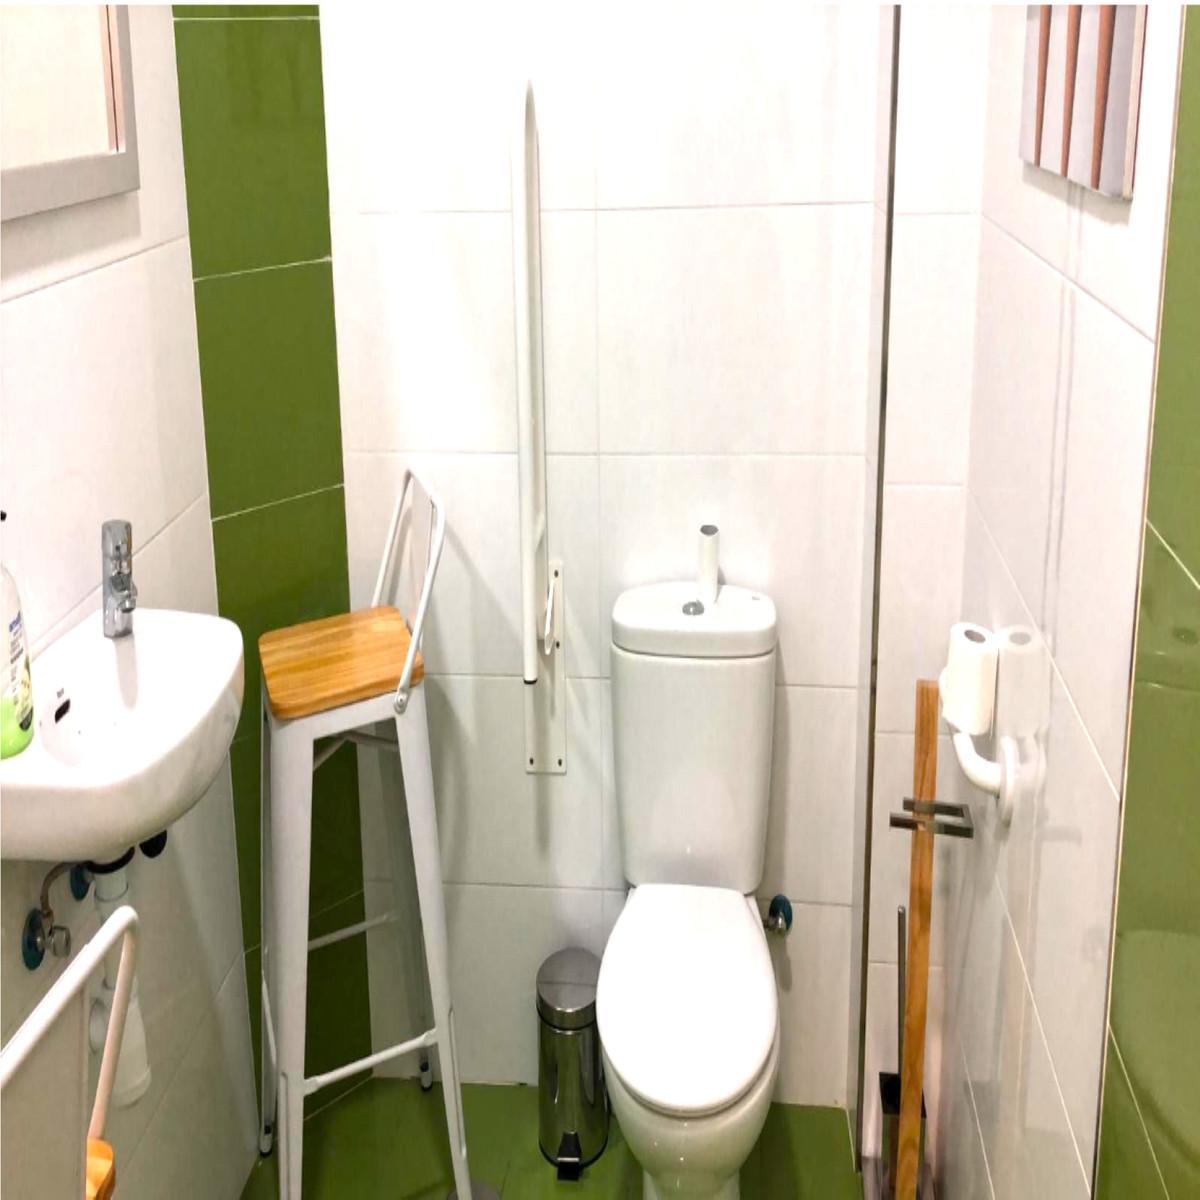 0 Bedrooms - 0 Bathrooms